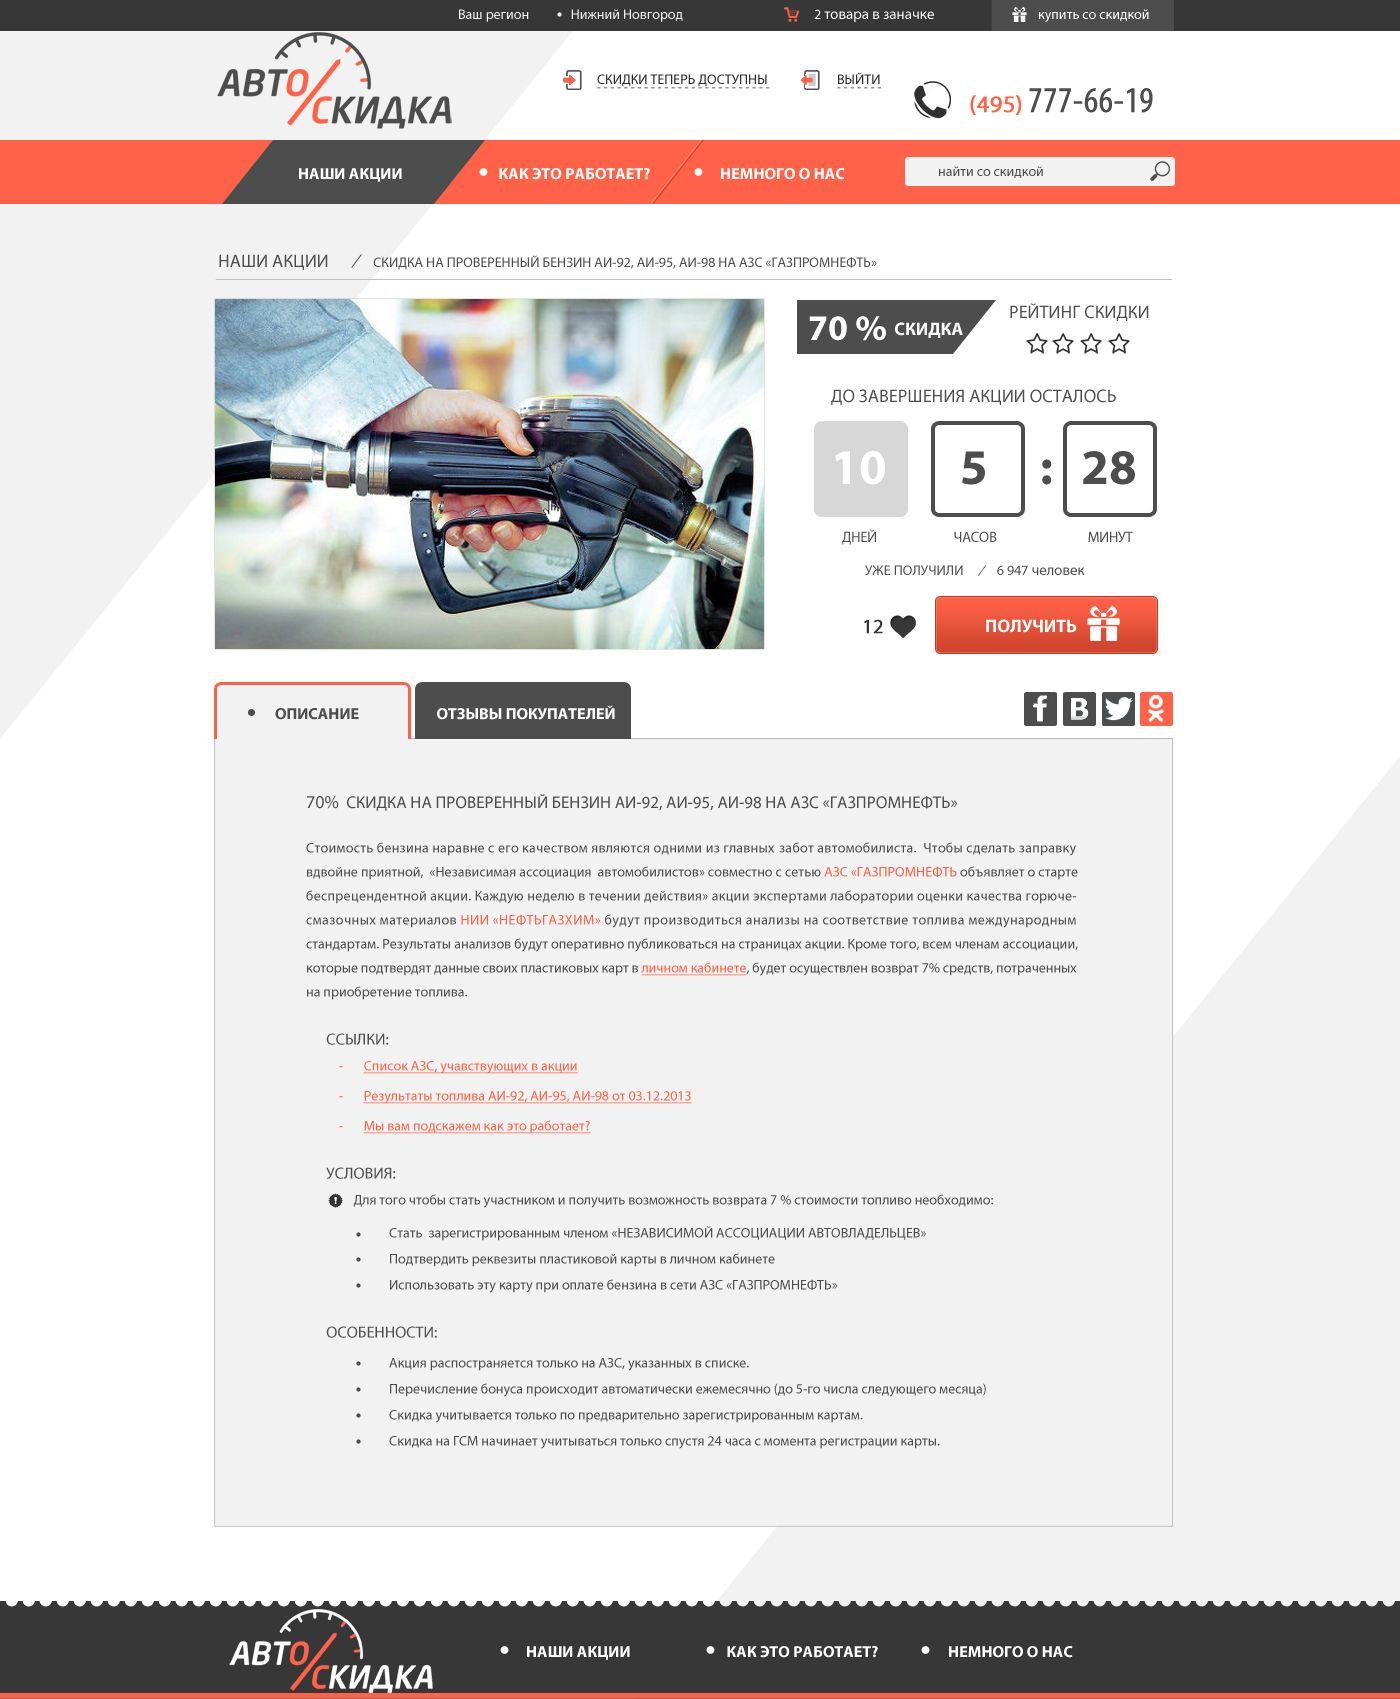 Дизайн сайта со скидками для автовладельцев - дизайнер Lelik_V